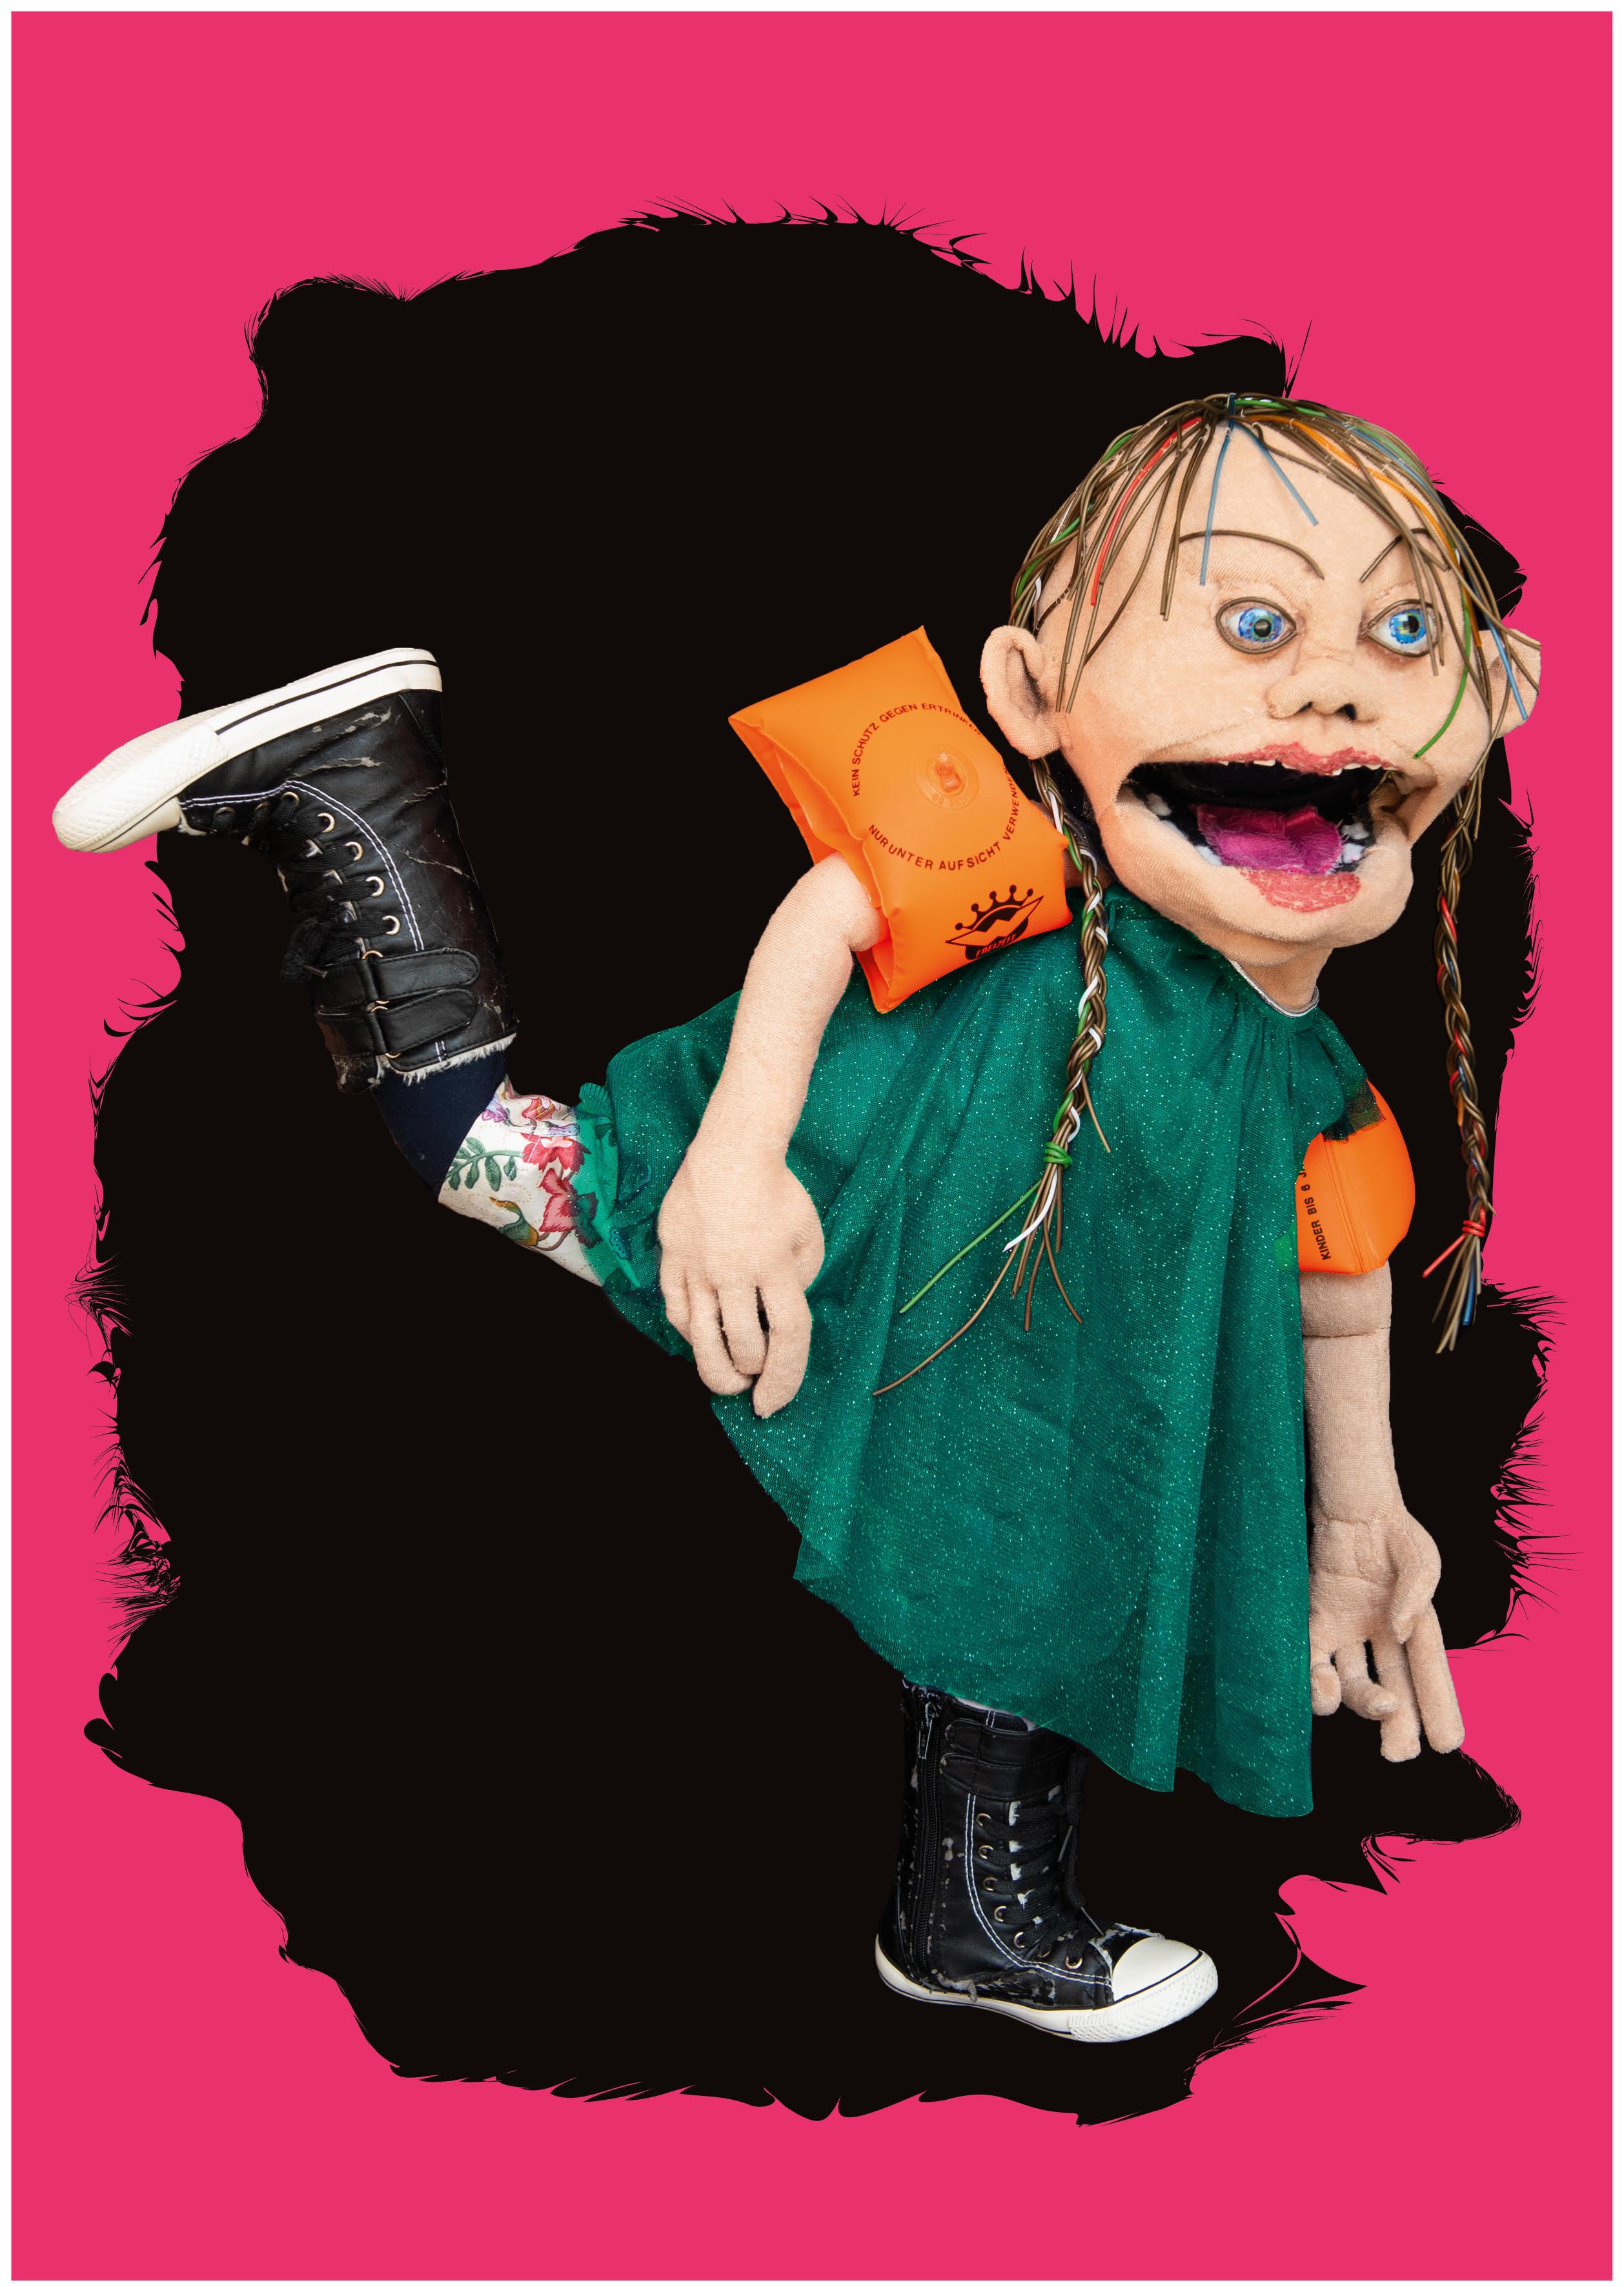 Zugegeben – sie macht keinen besonders herzlichen Eindruck, die Puppe der Griselda.